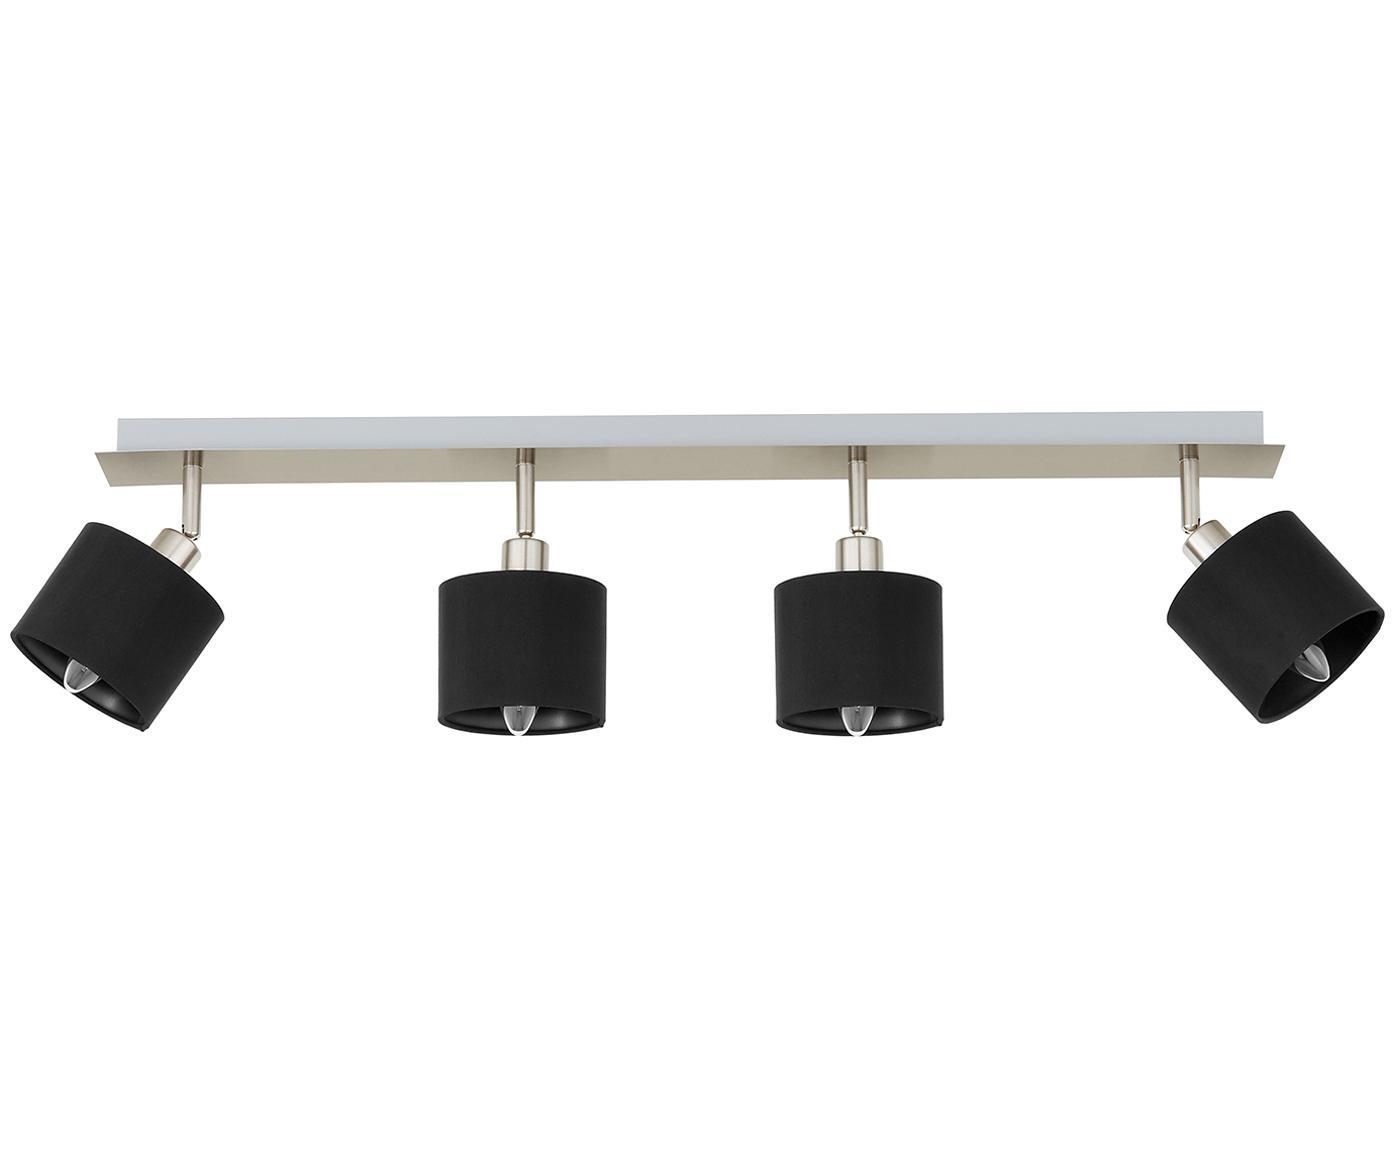 Plafondlamp Casper, Baldakijn: vernikkeld metaal, Zilverkleurig, zwart, 78 x 7 cm